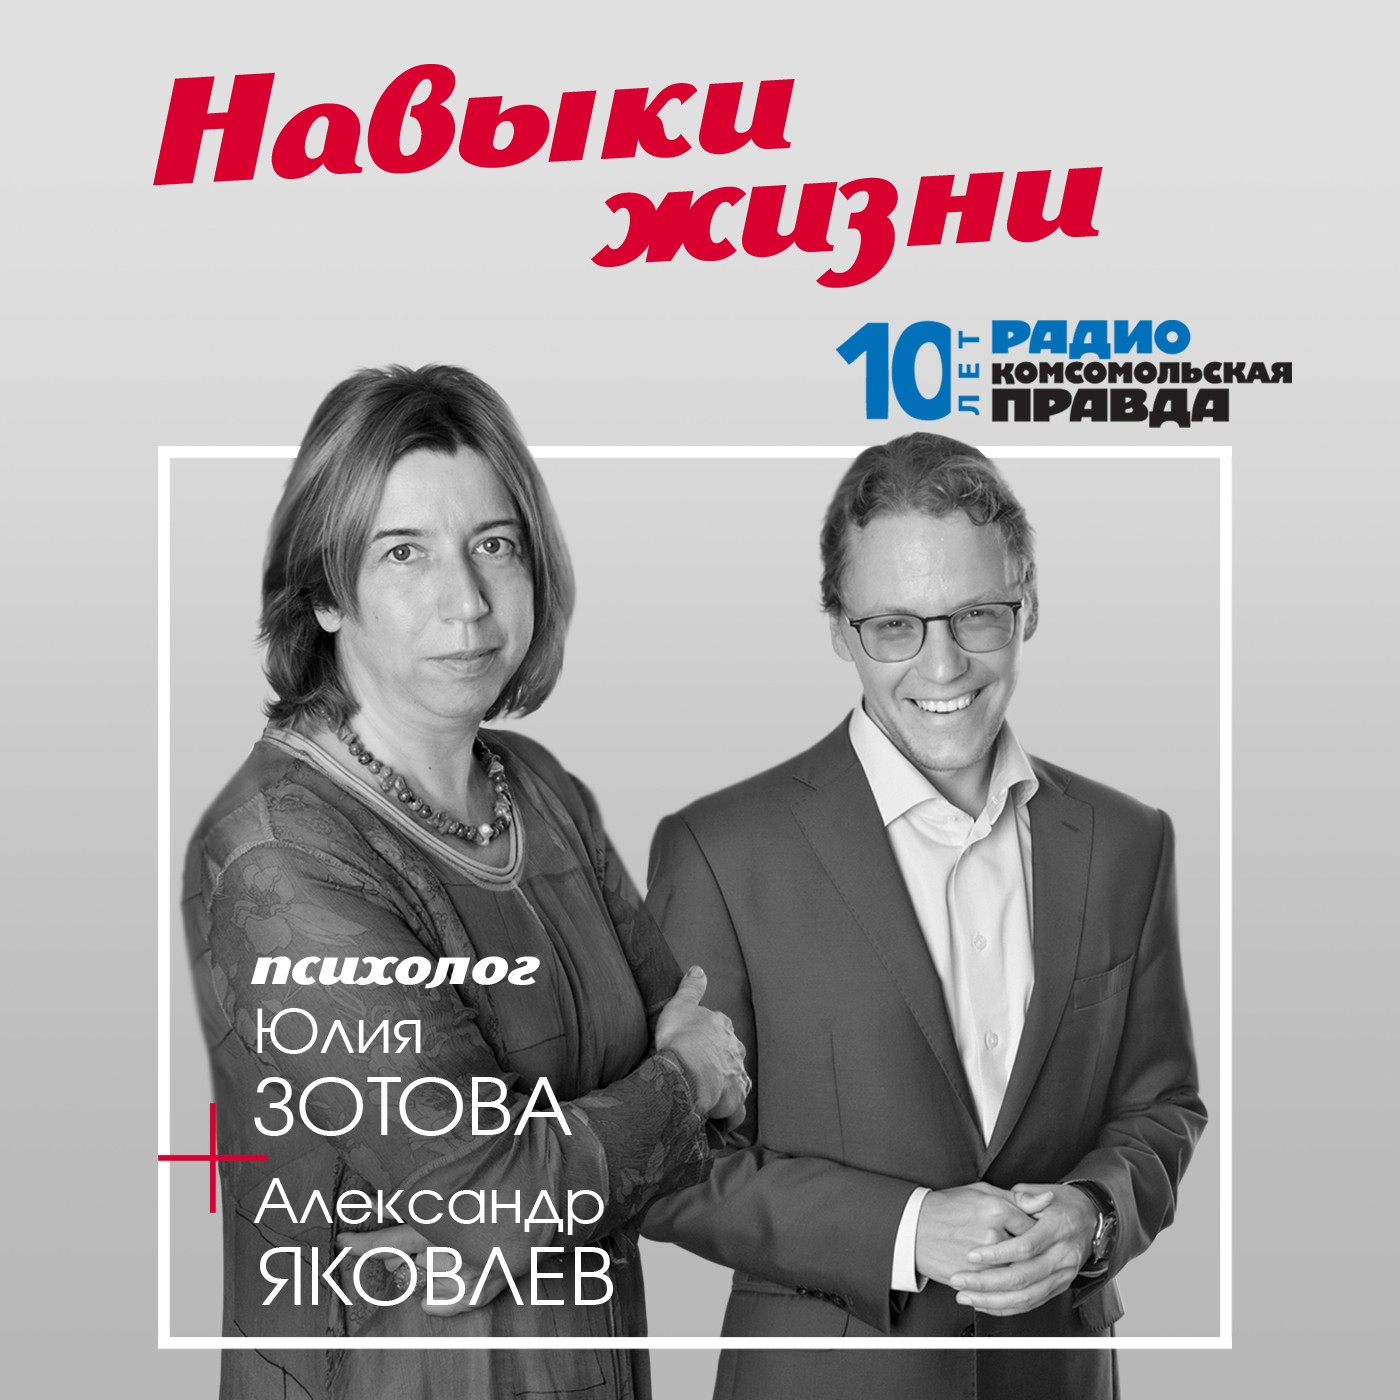 Радио «Комсомольская правда» Навыки жизни : Как воспитать ответственного ребёнка